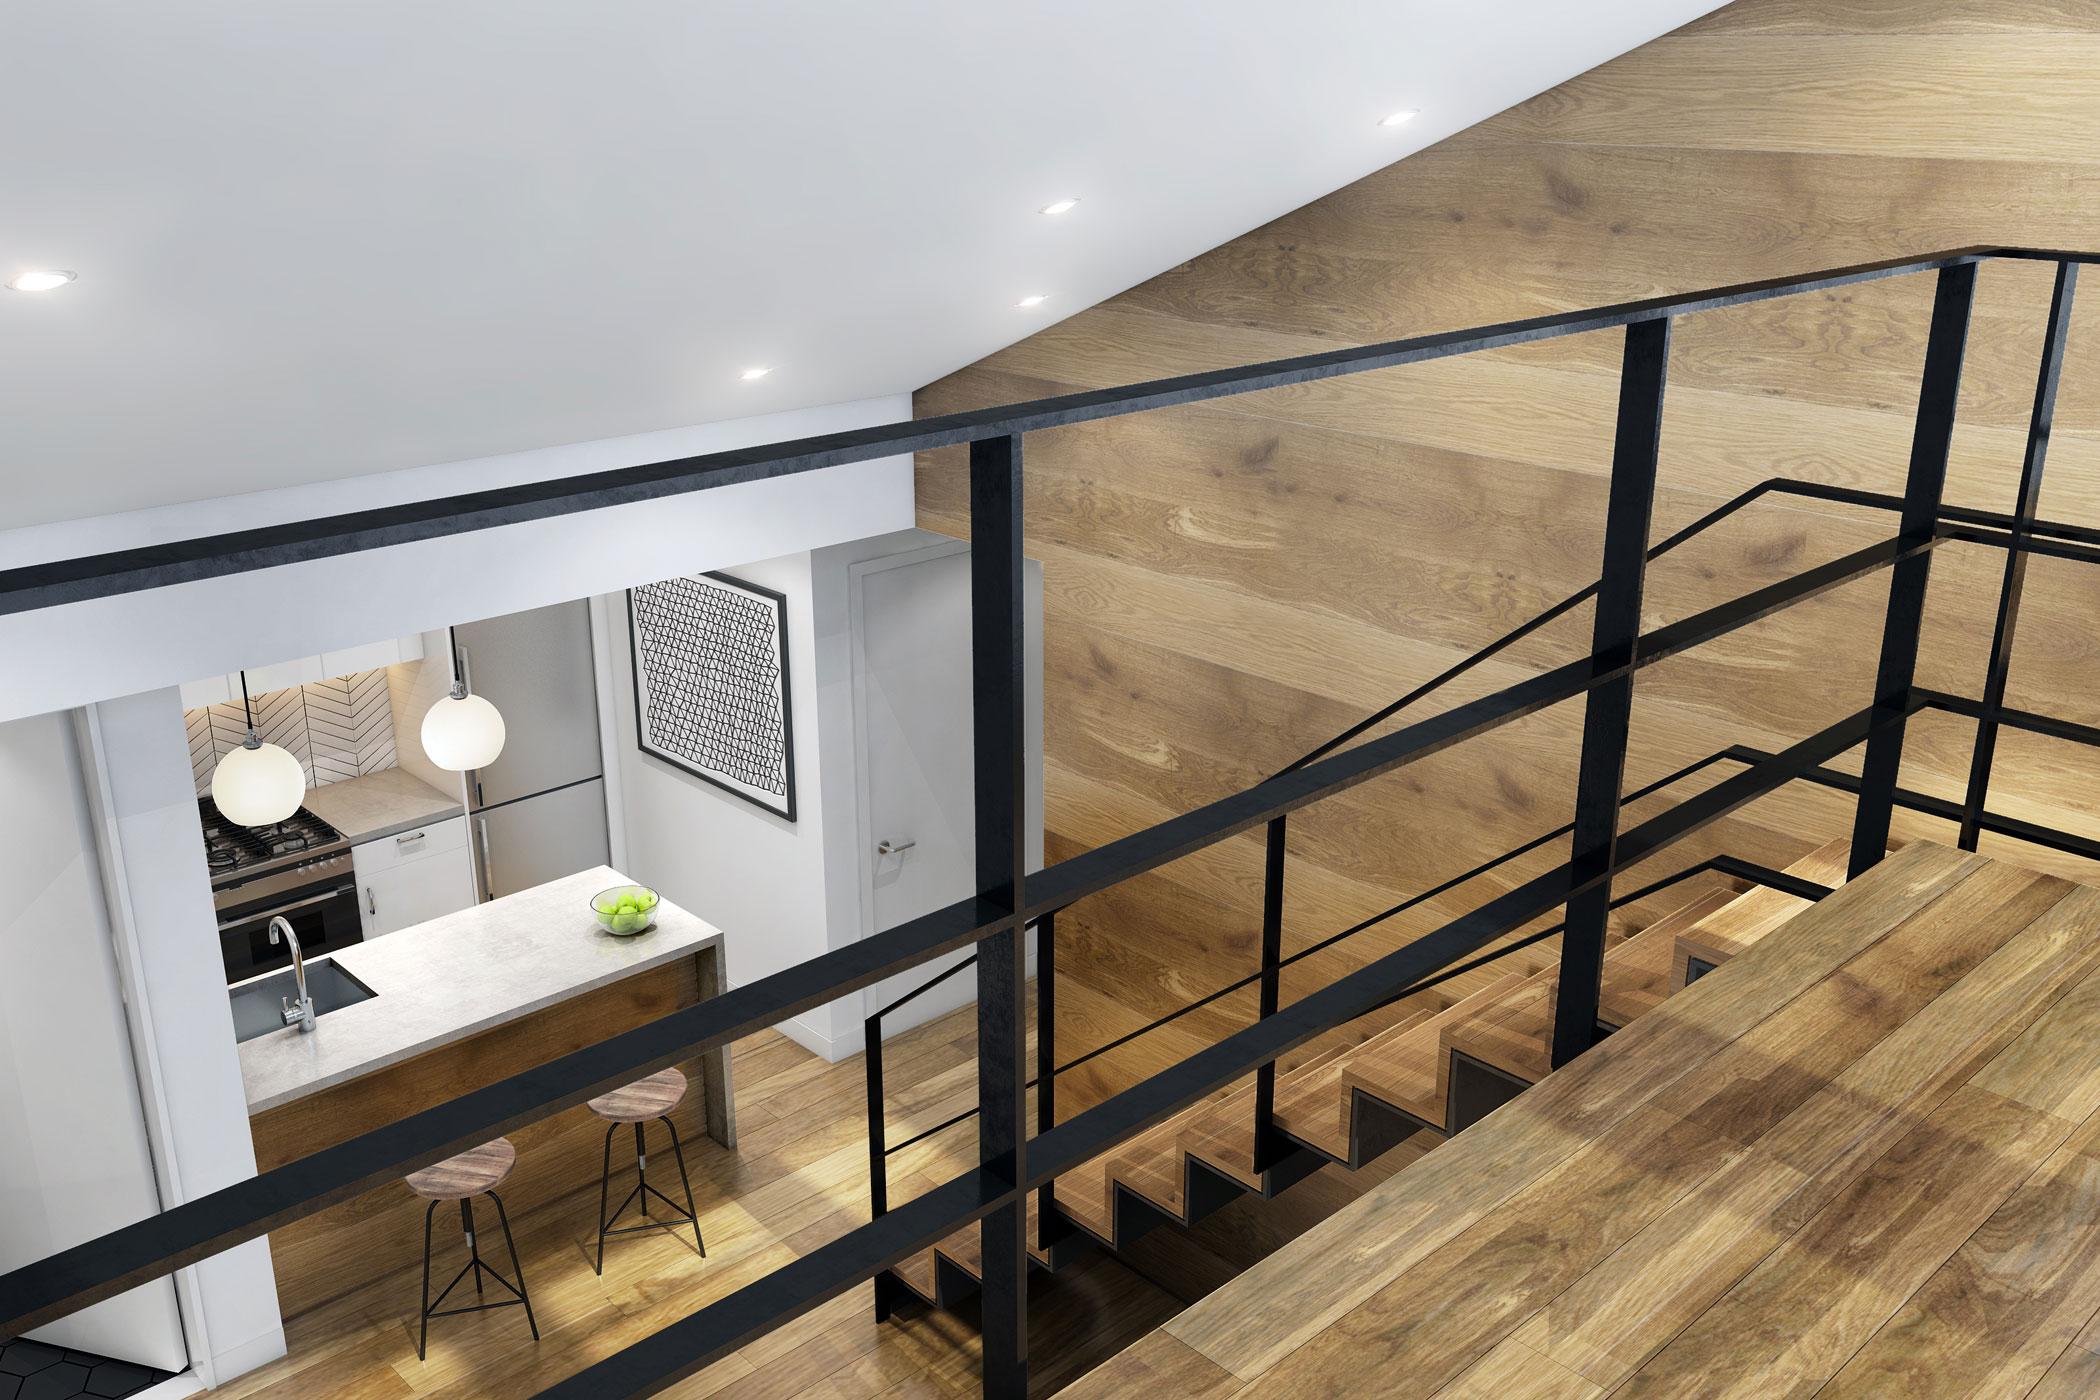 Ampersand Architecture: Gramercy Loft